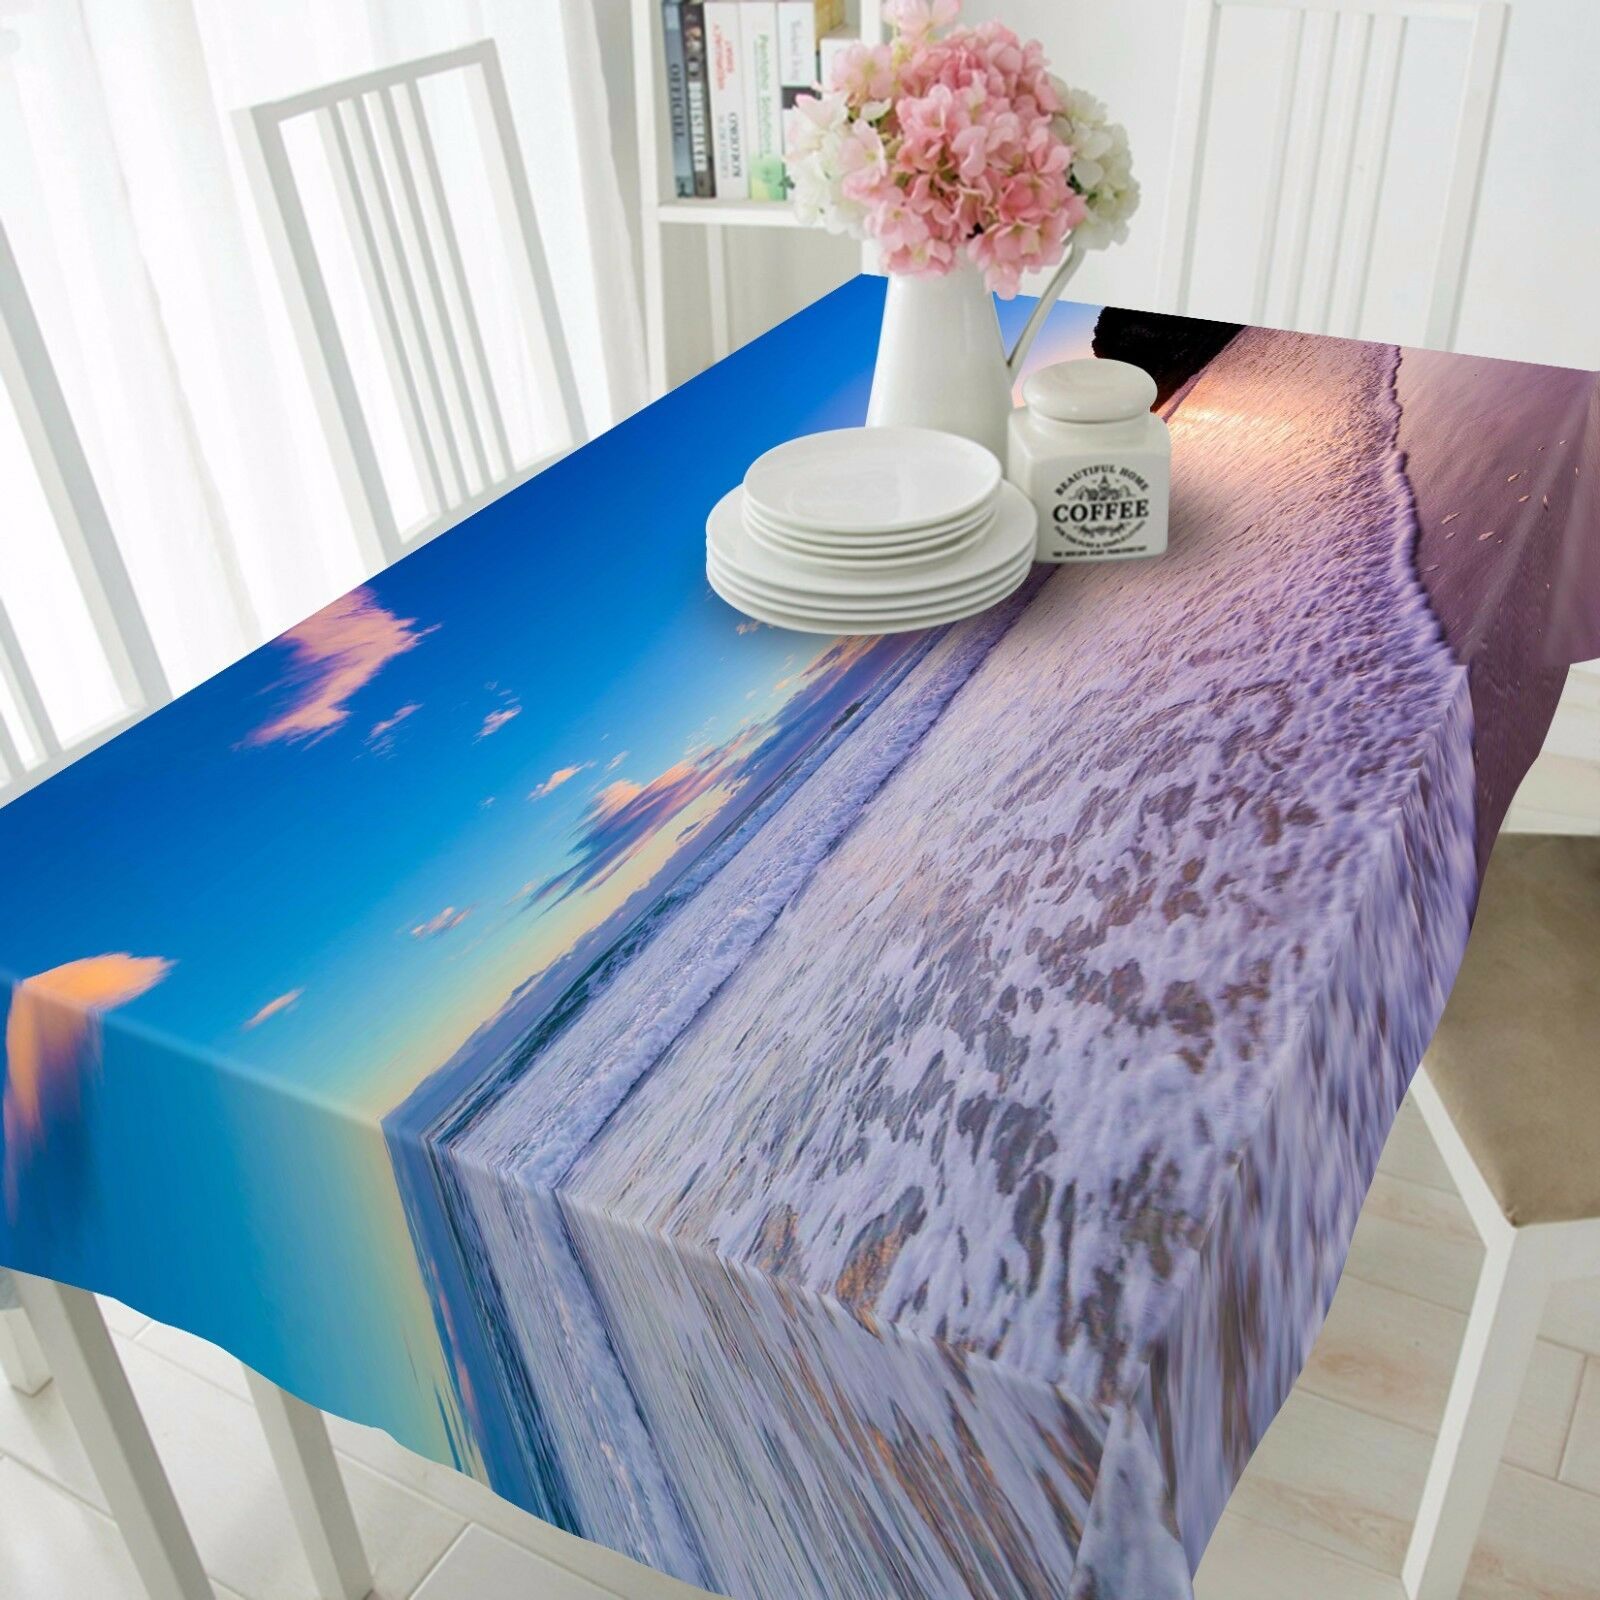 3D Wave sky828 Nappe Table Cover Cloth Fête D'Anniversaire événement AJ papier peint UK